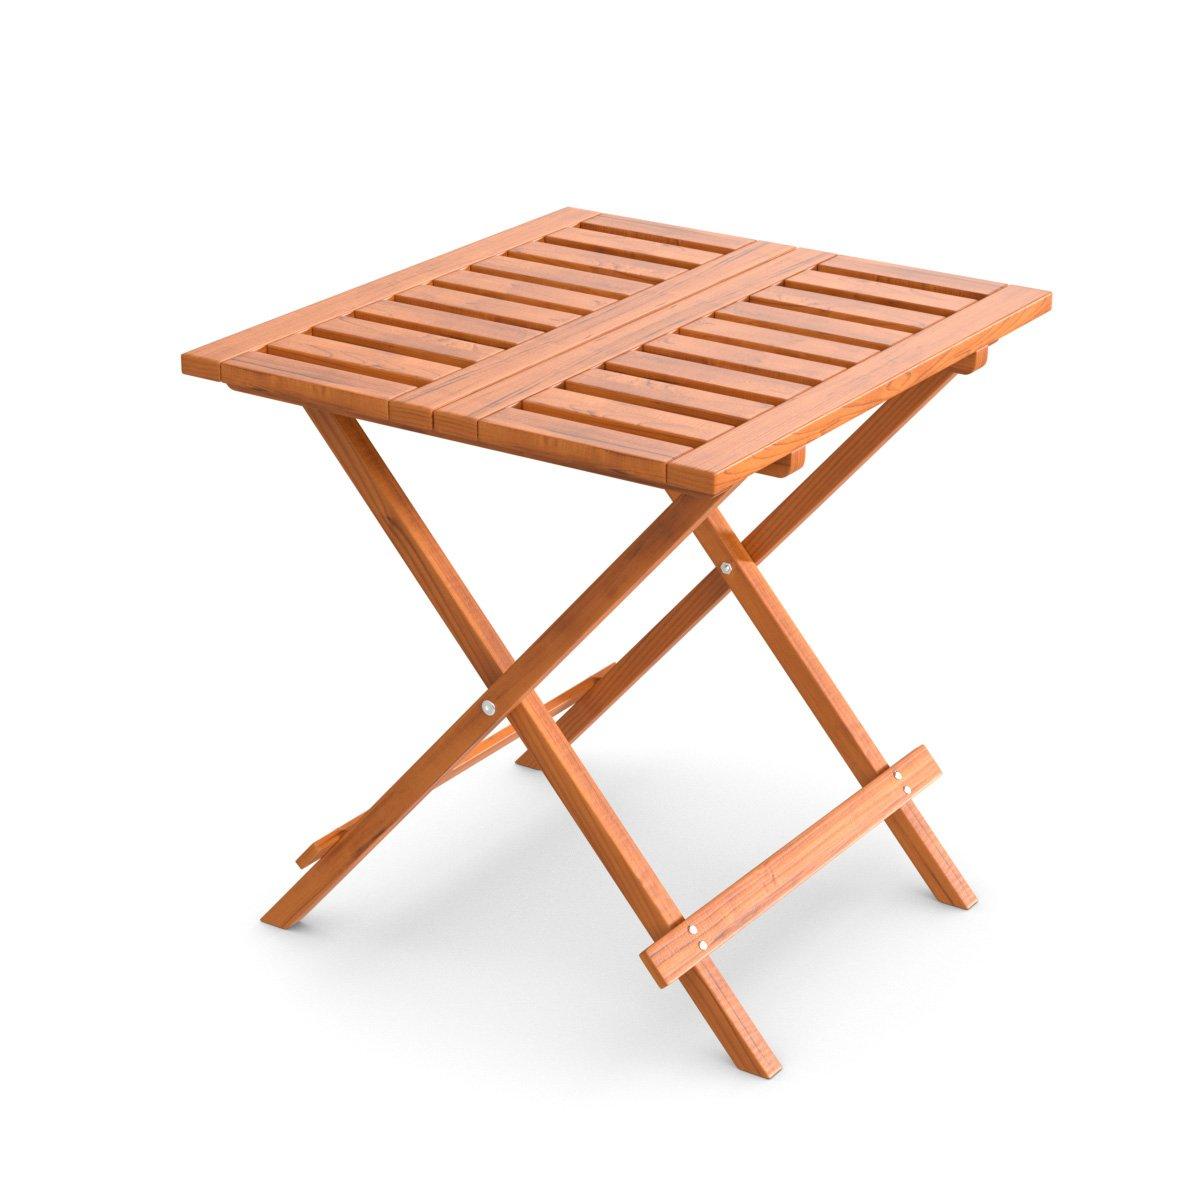 Ampel 24, Tavolino Pieghevole da Giardino, Balcone e terrazza   Tavolino d'appoggio Piccolo 50 x 50 cm   Tavolino da Giardino in larice Siberiano   Resistente